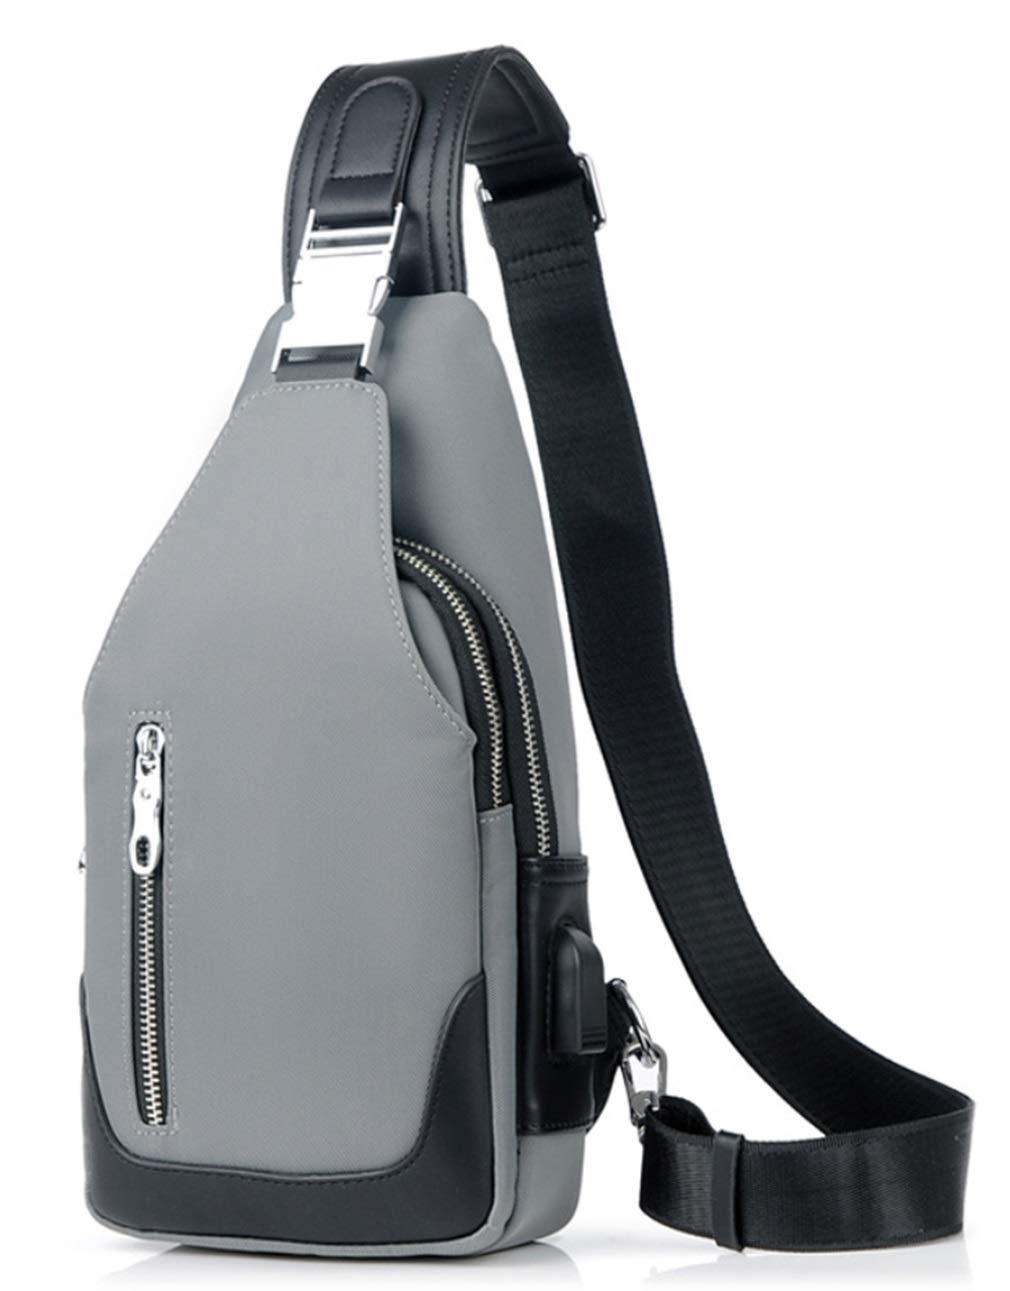 RSQJ Herren Messenger Brusttasche Wasserdichte Multifunktionstasche